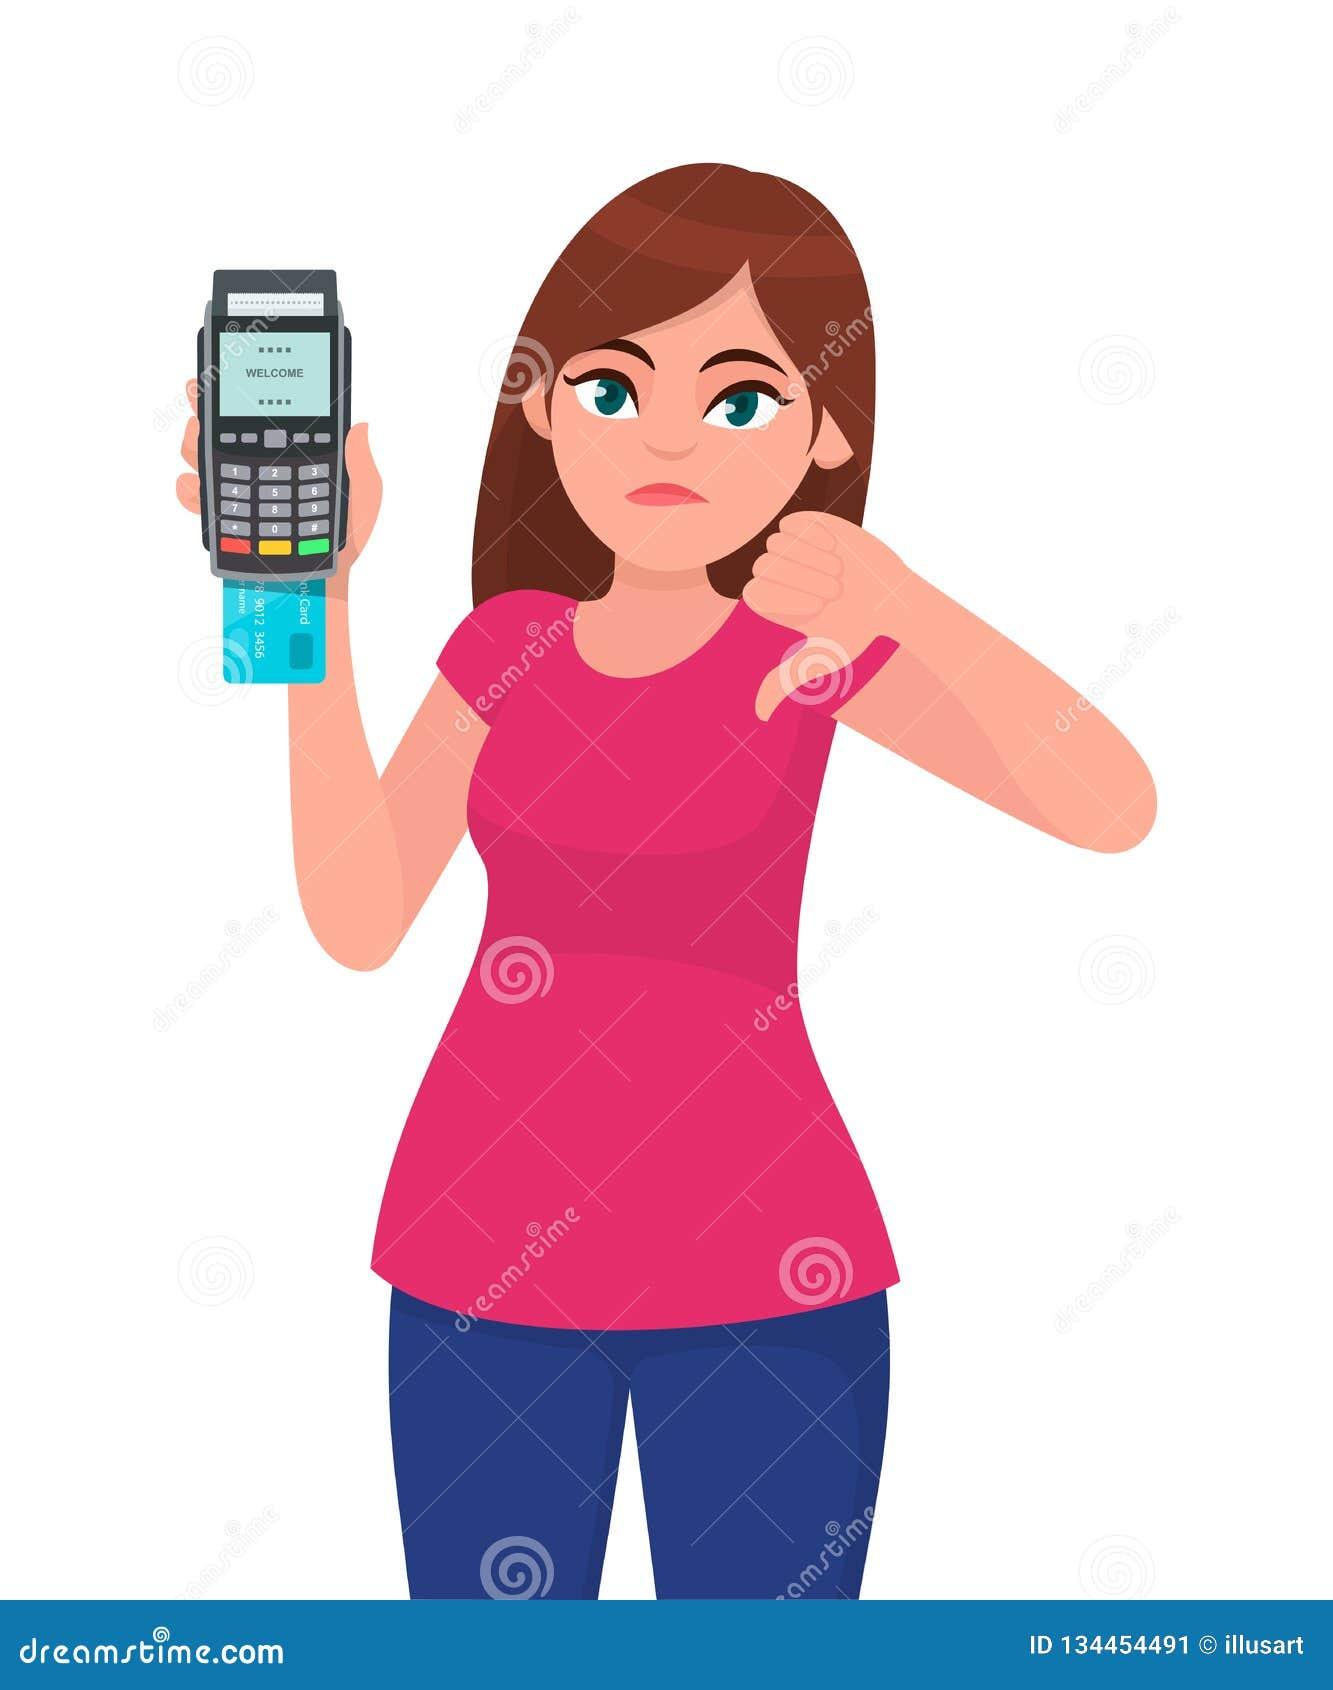 Nieszczęśliwy młoda kobieta seans, trzymać/pos płatniczy śmiertelnie, kredytowy lub karto debetowa swiping maszynę/, gestykuluje